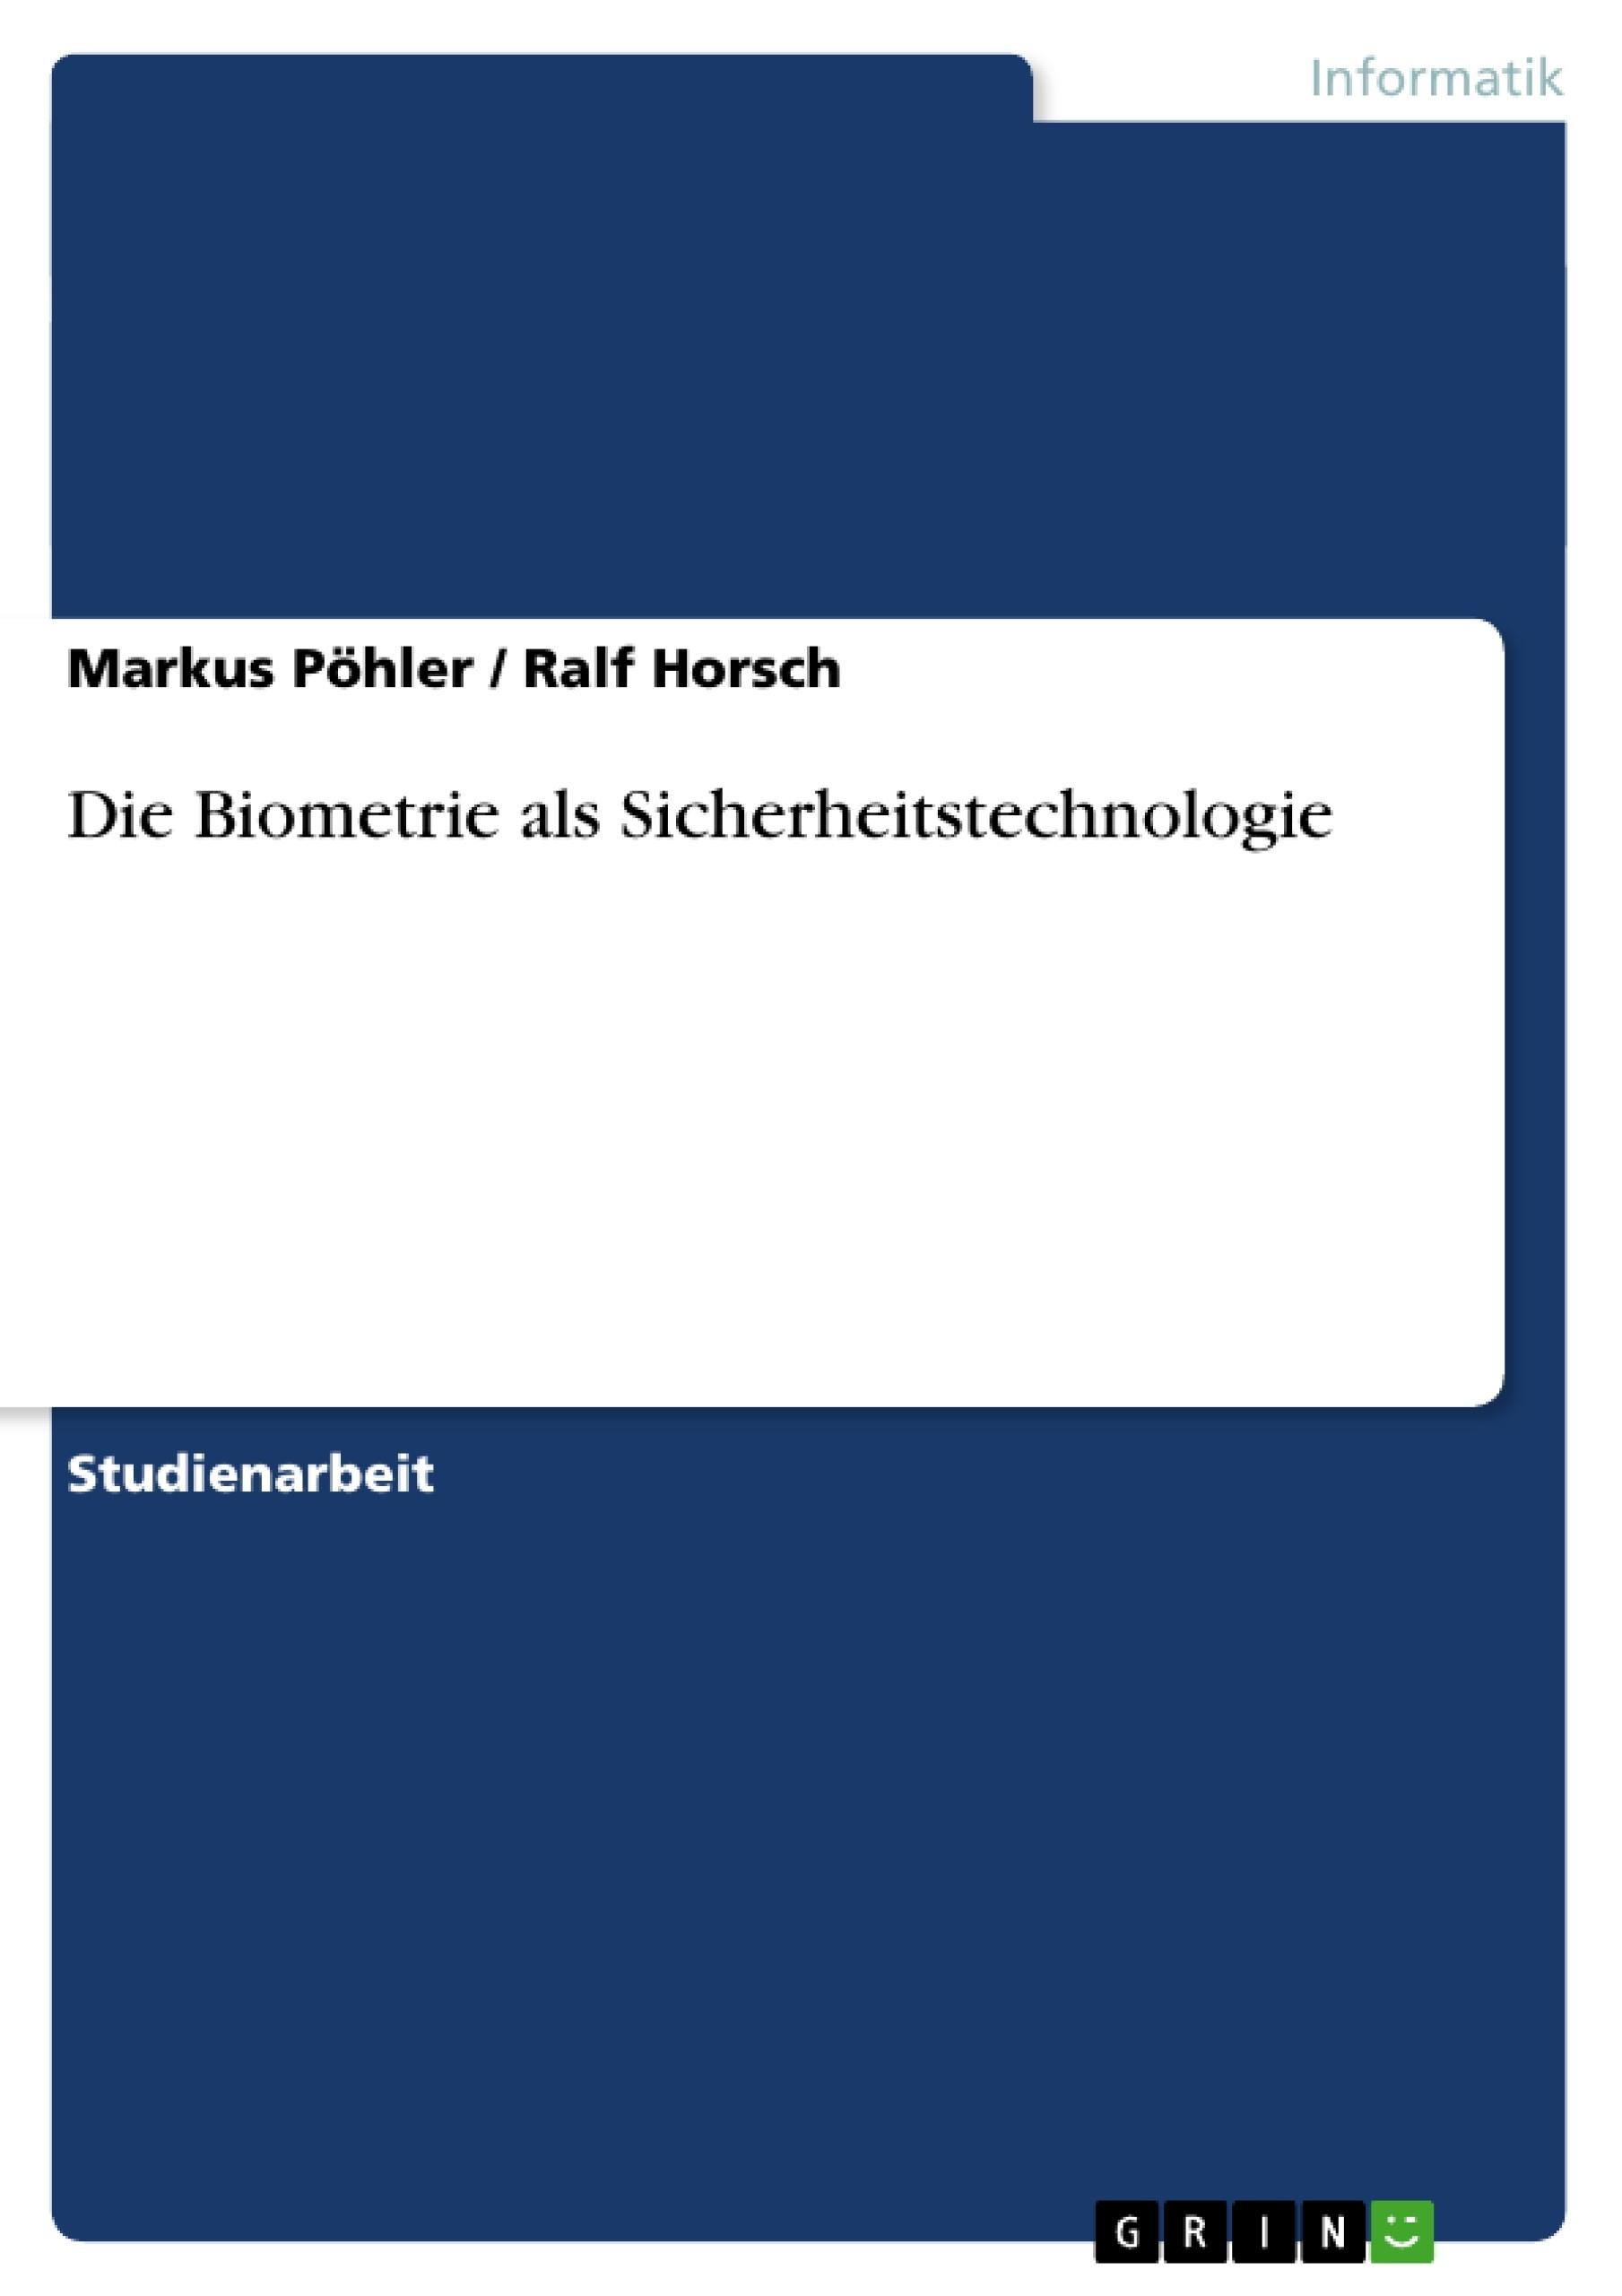 Titel: Die Biometrie als Sicherheitstechnologie